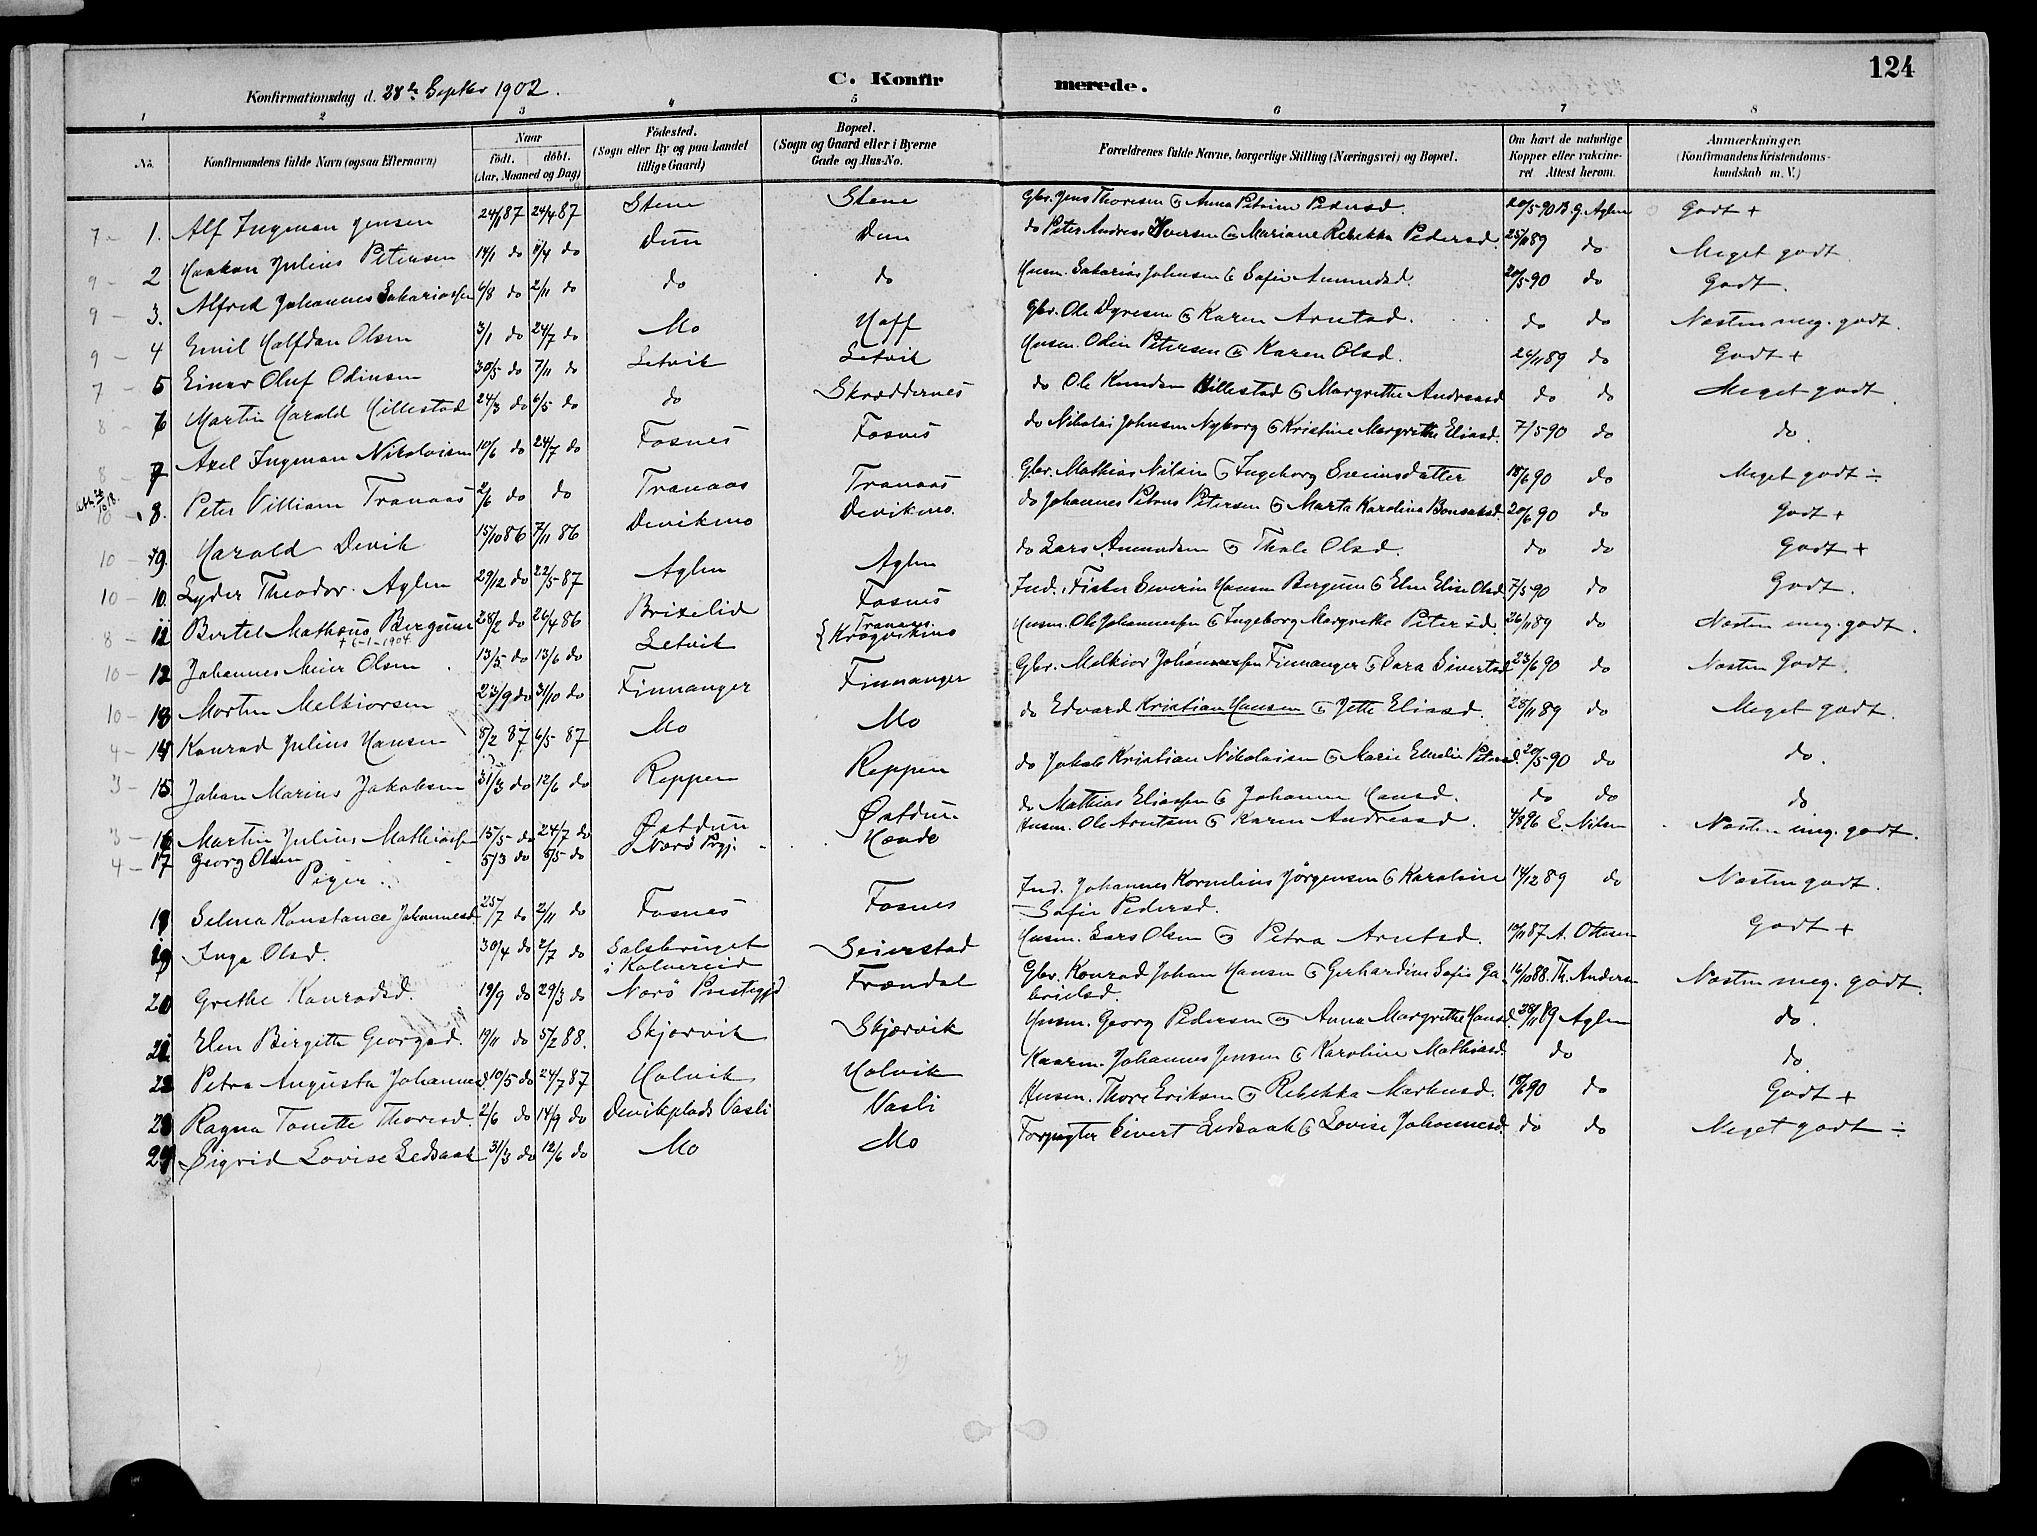 SAT, Ministerialprotokoller, klokkerbøker og fødselsregistre - Nord-Trøndelag, 773/L0617: Ministerialbok nr. 773A08, 1887-1910, s. 124